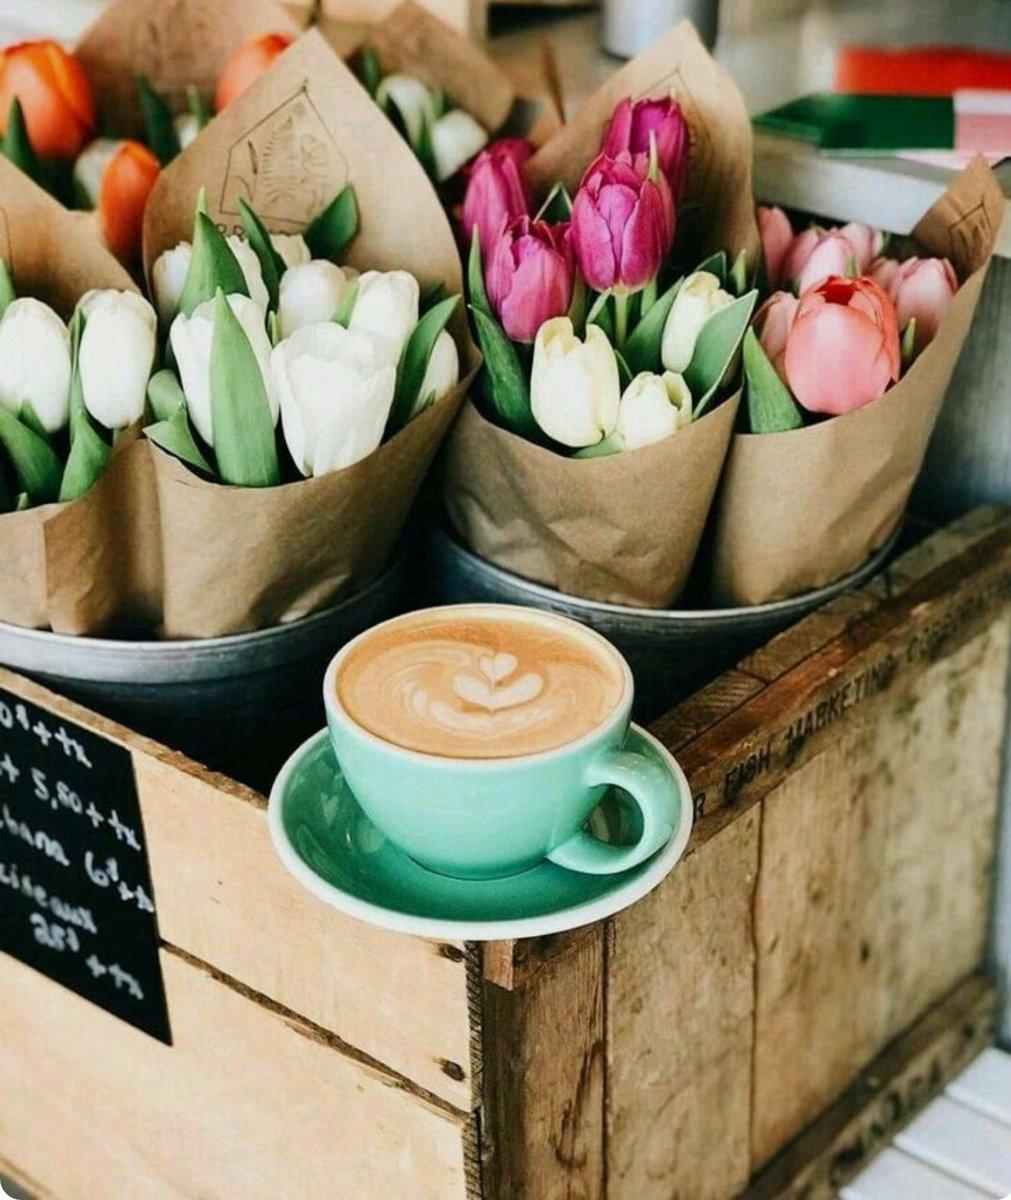 çiçek Market On Twitter çiçek Market Keyifli Hafta Sonları Diler